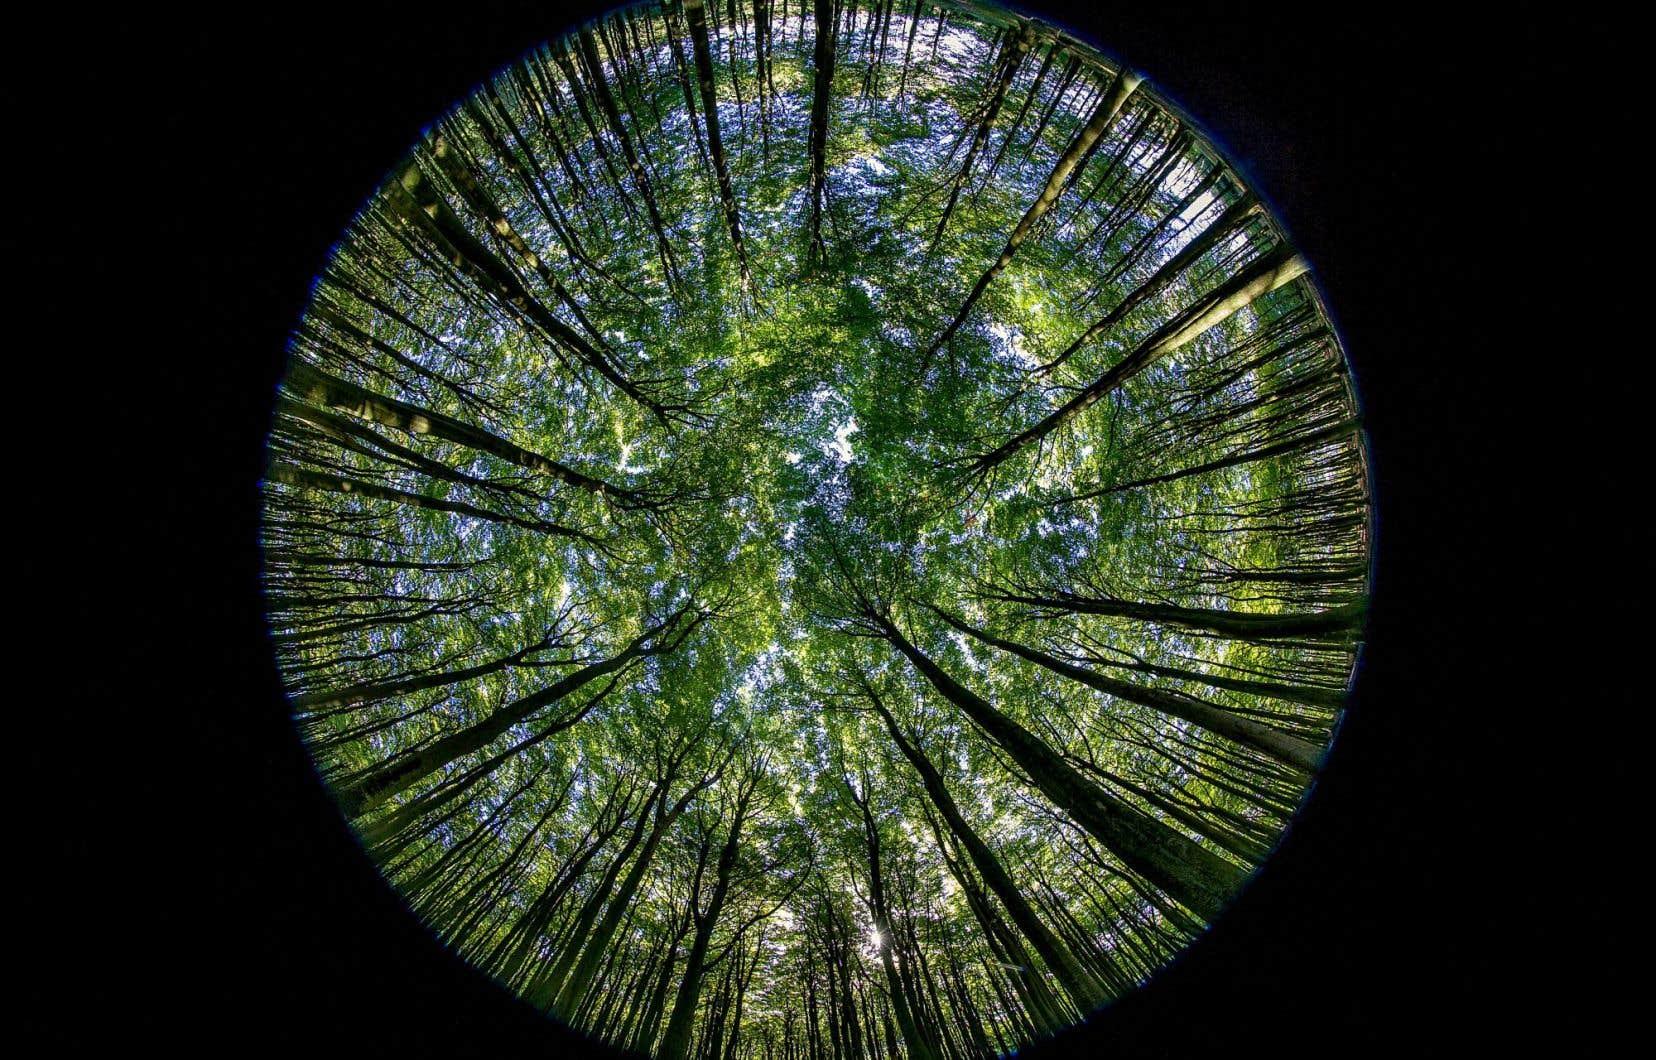 Photographie d'une forêt de hêtres en Allemagne, réalisée avec un objectif à très grand angle